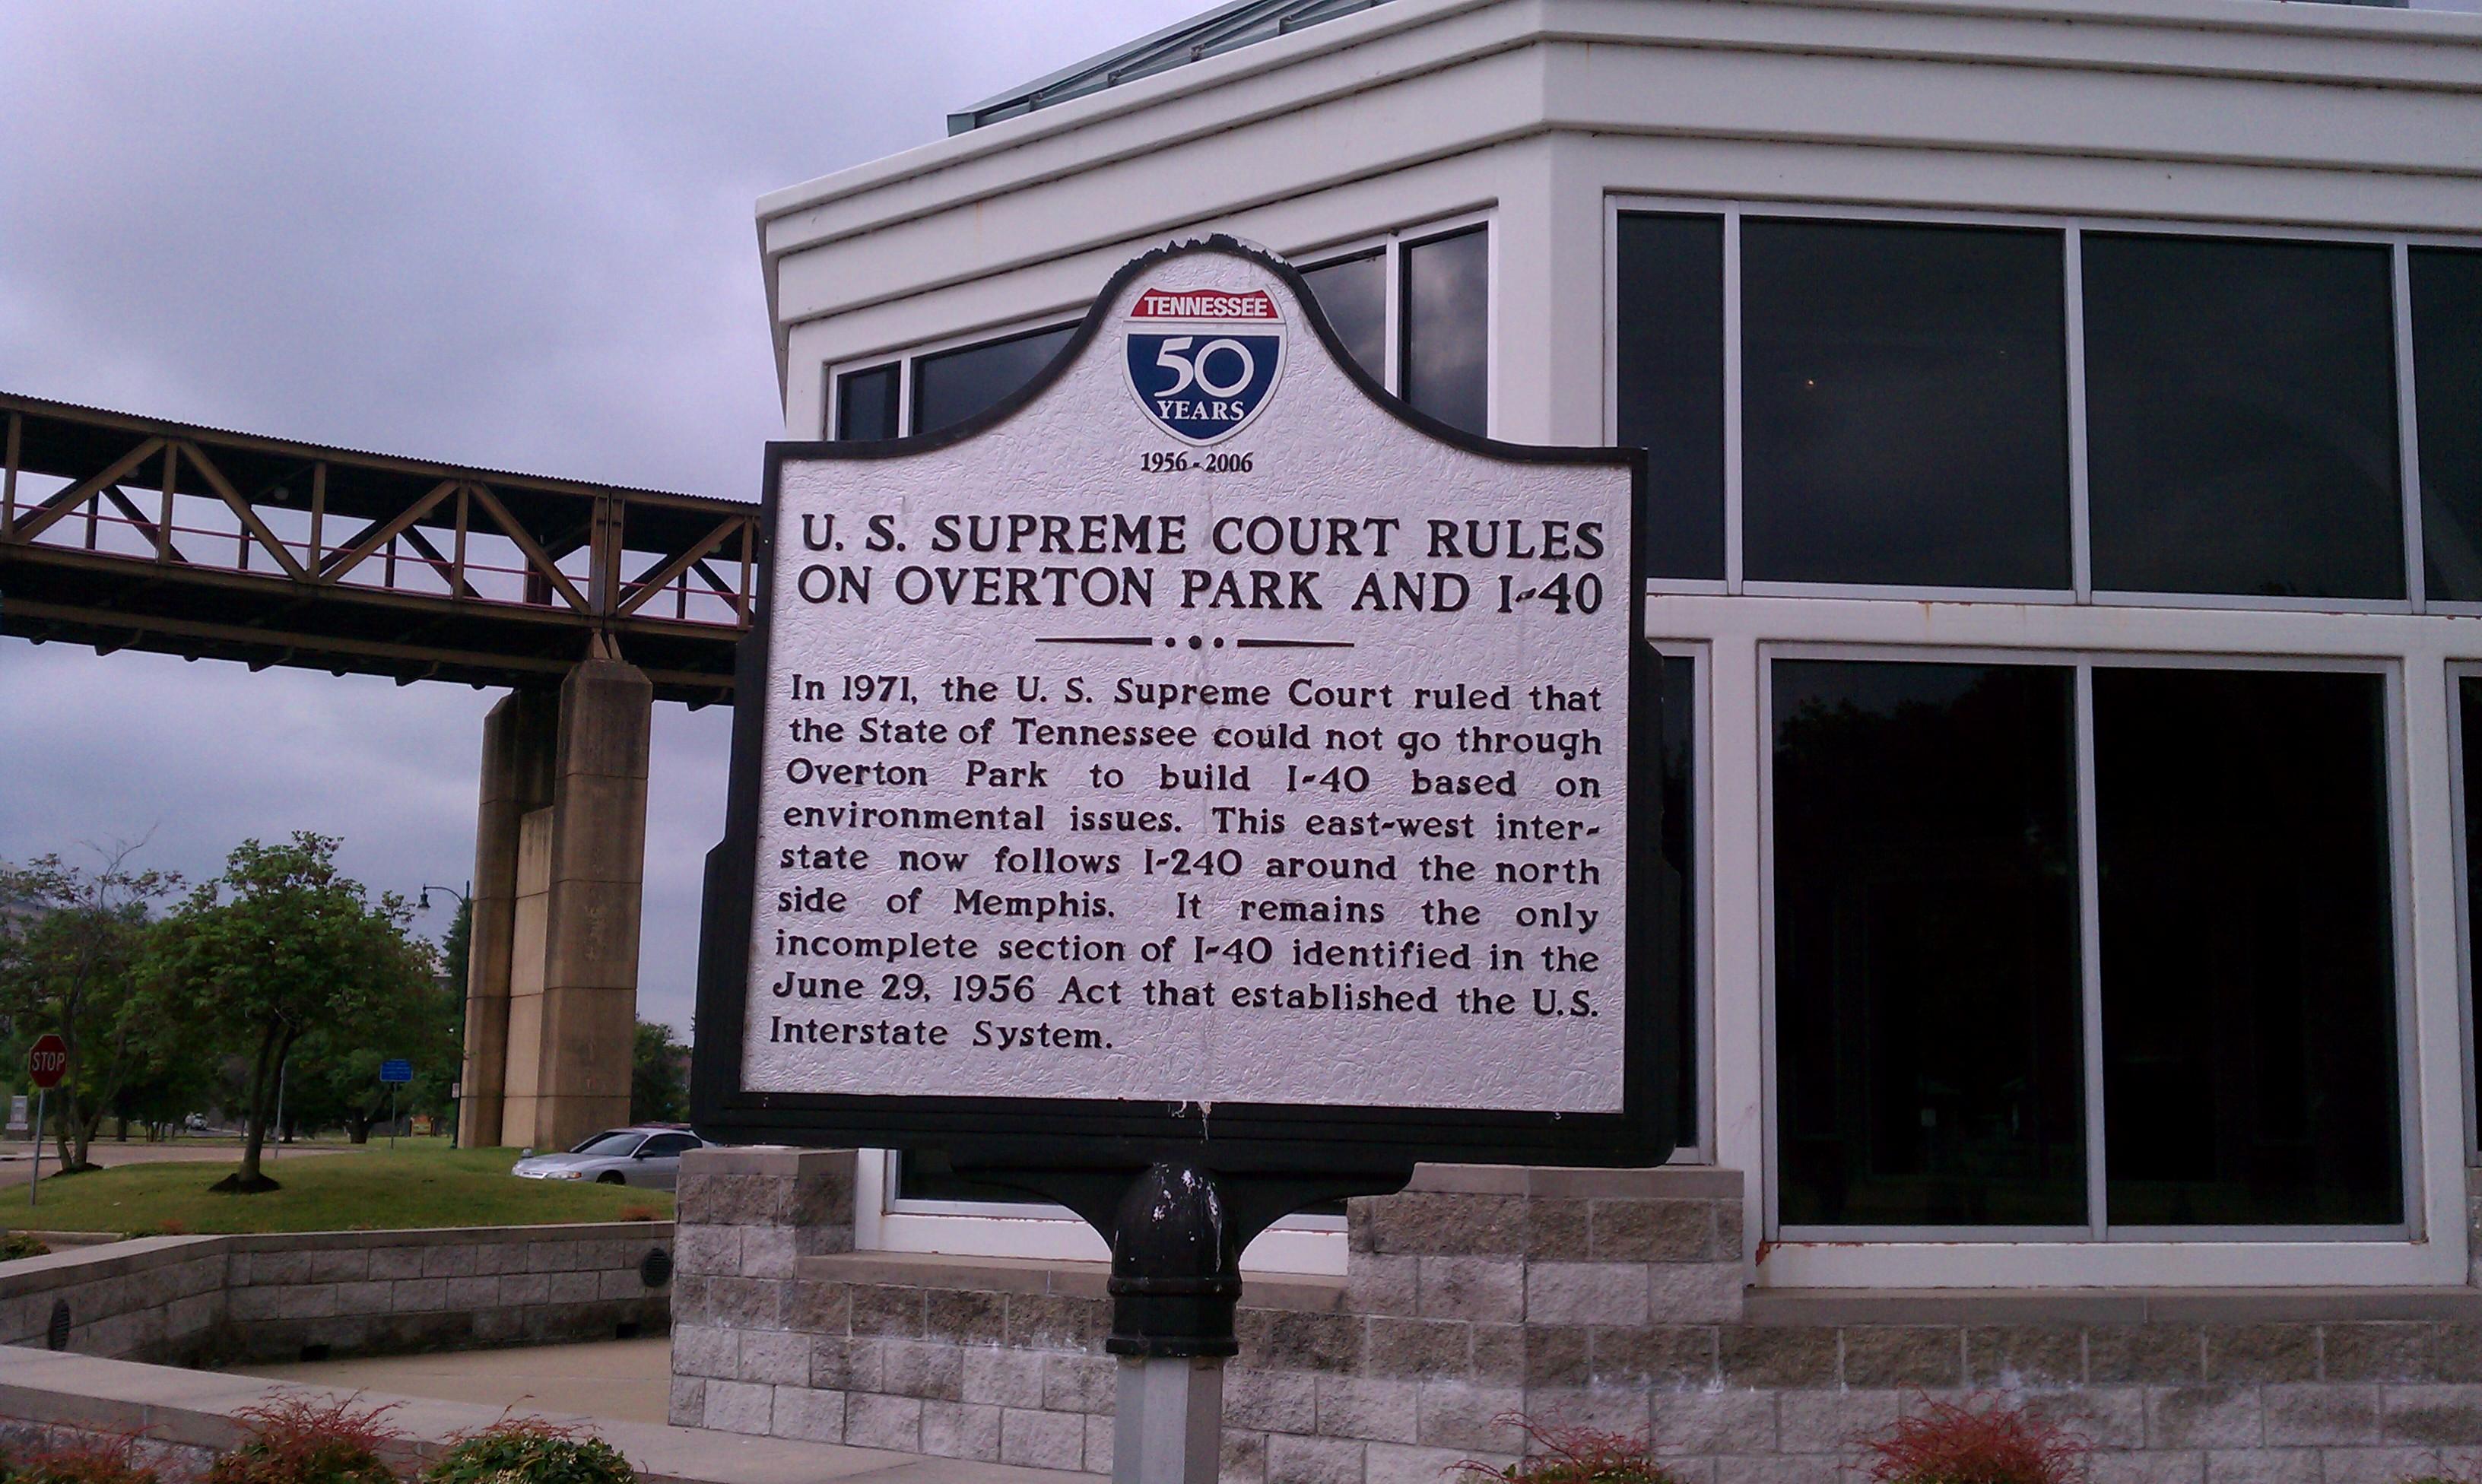 Description overton park supreme court ruling